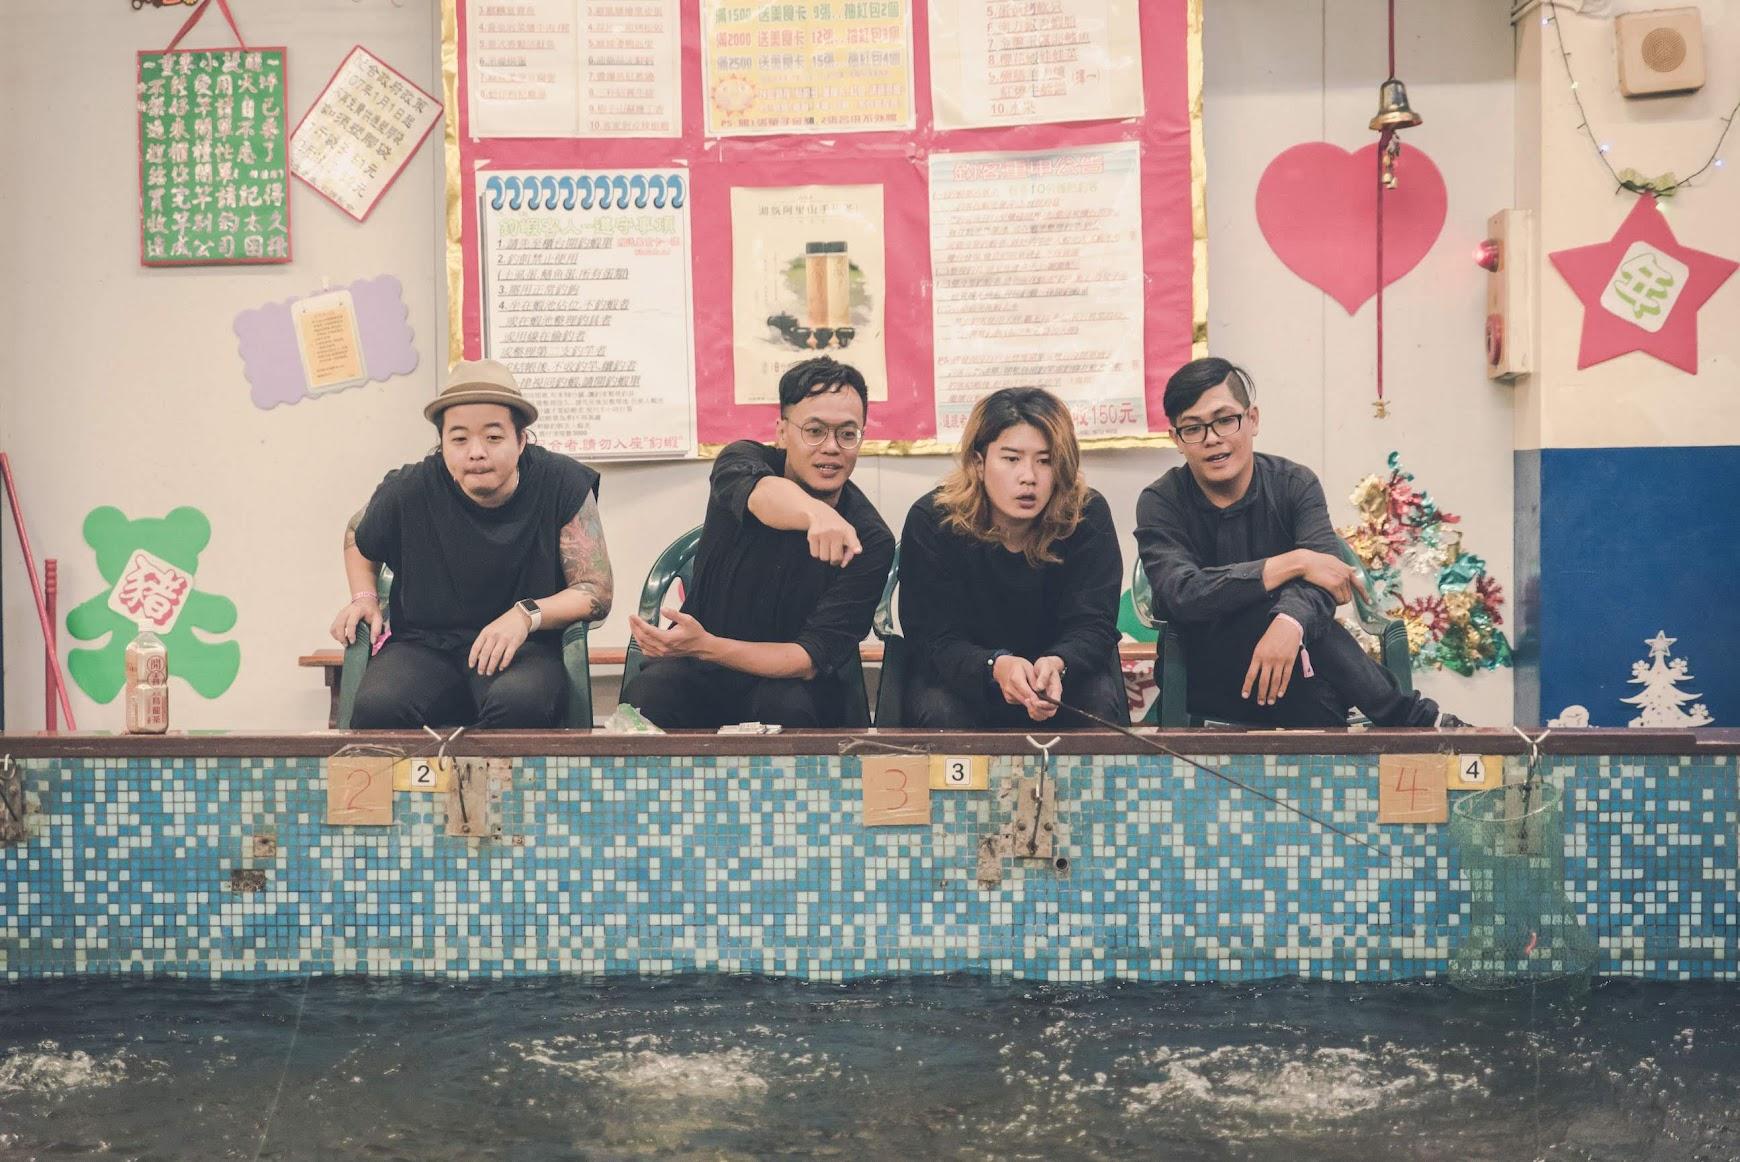 台南樂團 晨曦光廊 自揭「沒有退路」 以「珍惜」為題 推新輯《遺失的人間童語(下) 》